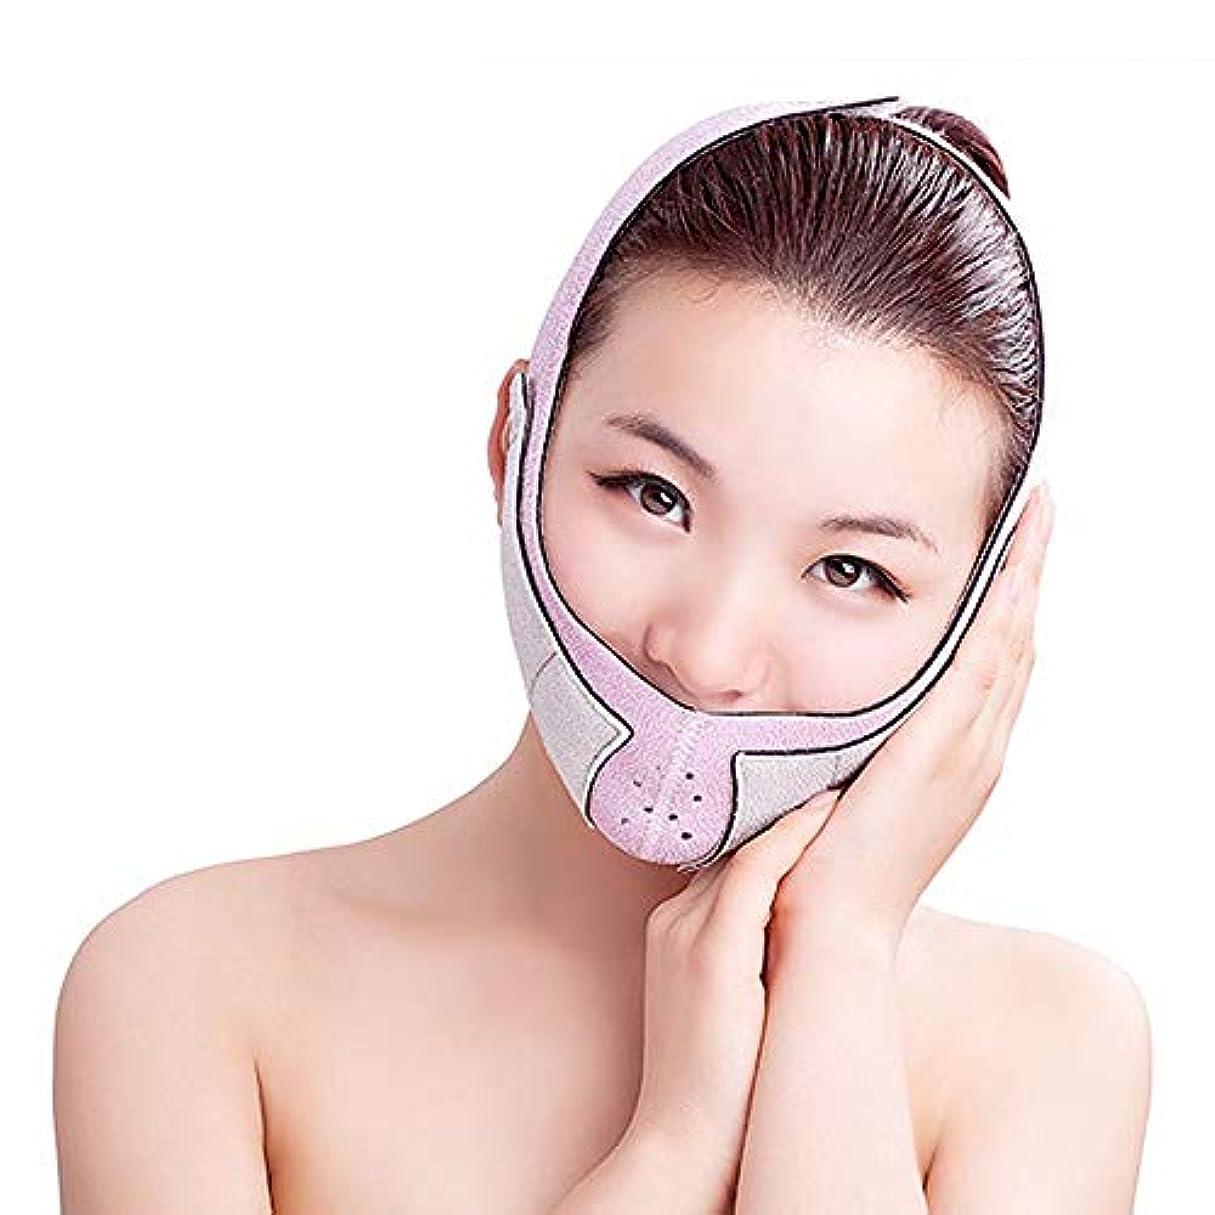 通知北フォーマルフェイスリフトベルト 薄い顔のベルト - 薄い顔のベルト通気性の補正3D薄い顔のV顔のベルトの包帯薄い顔のアーティファクト (色 : B)